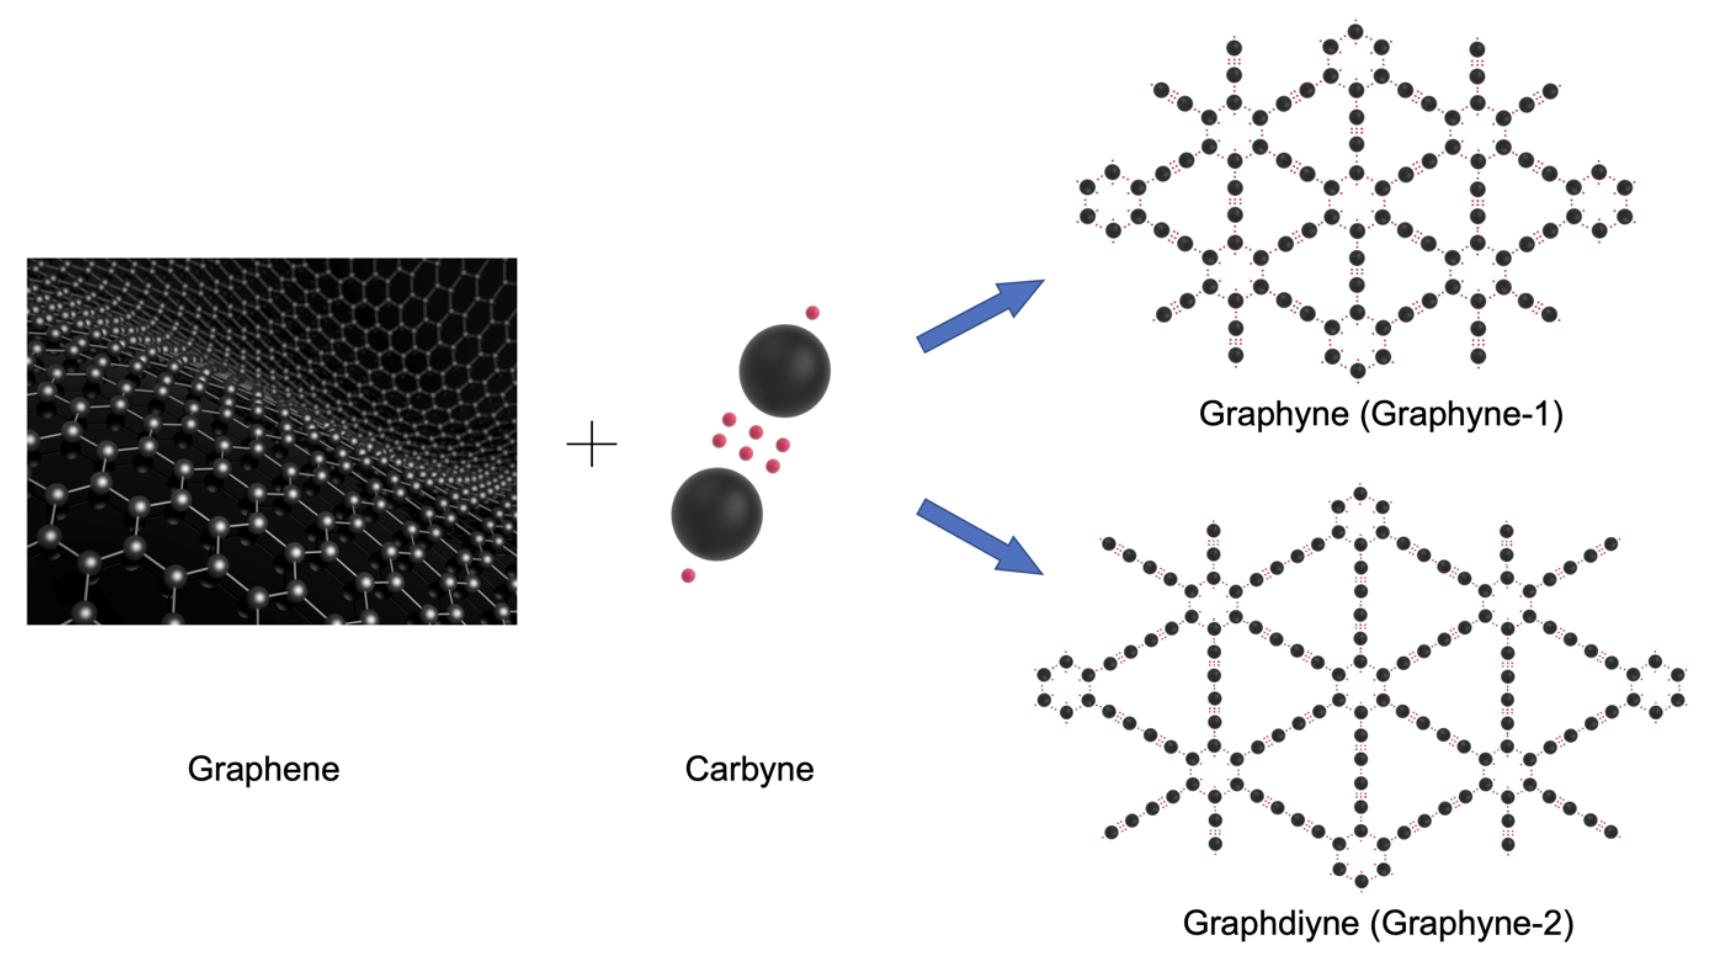 Graphene vs. Graphyne